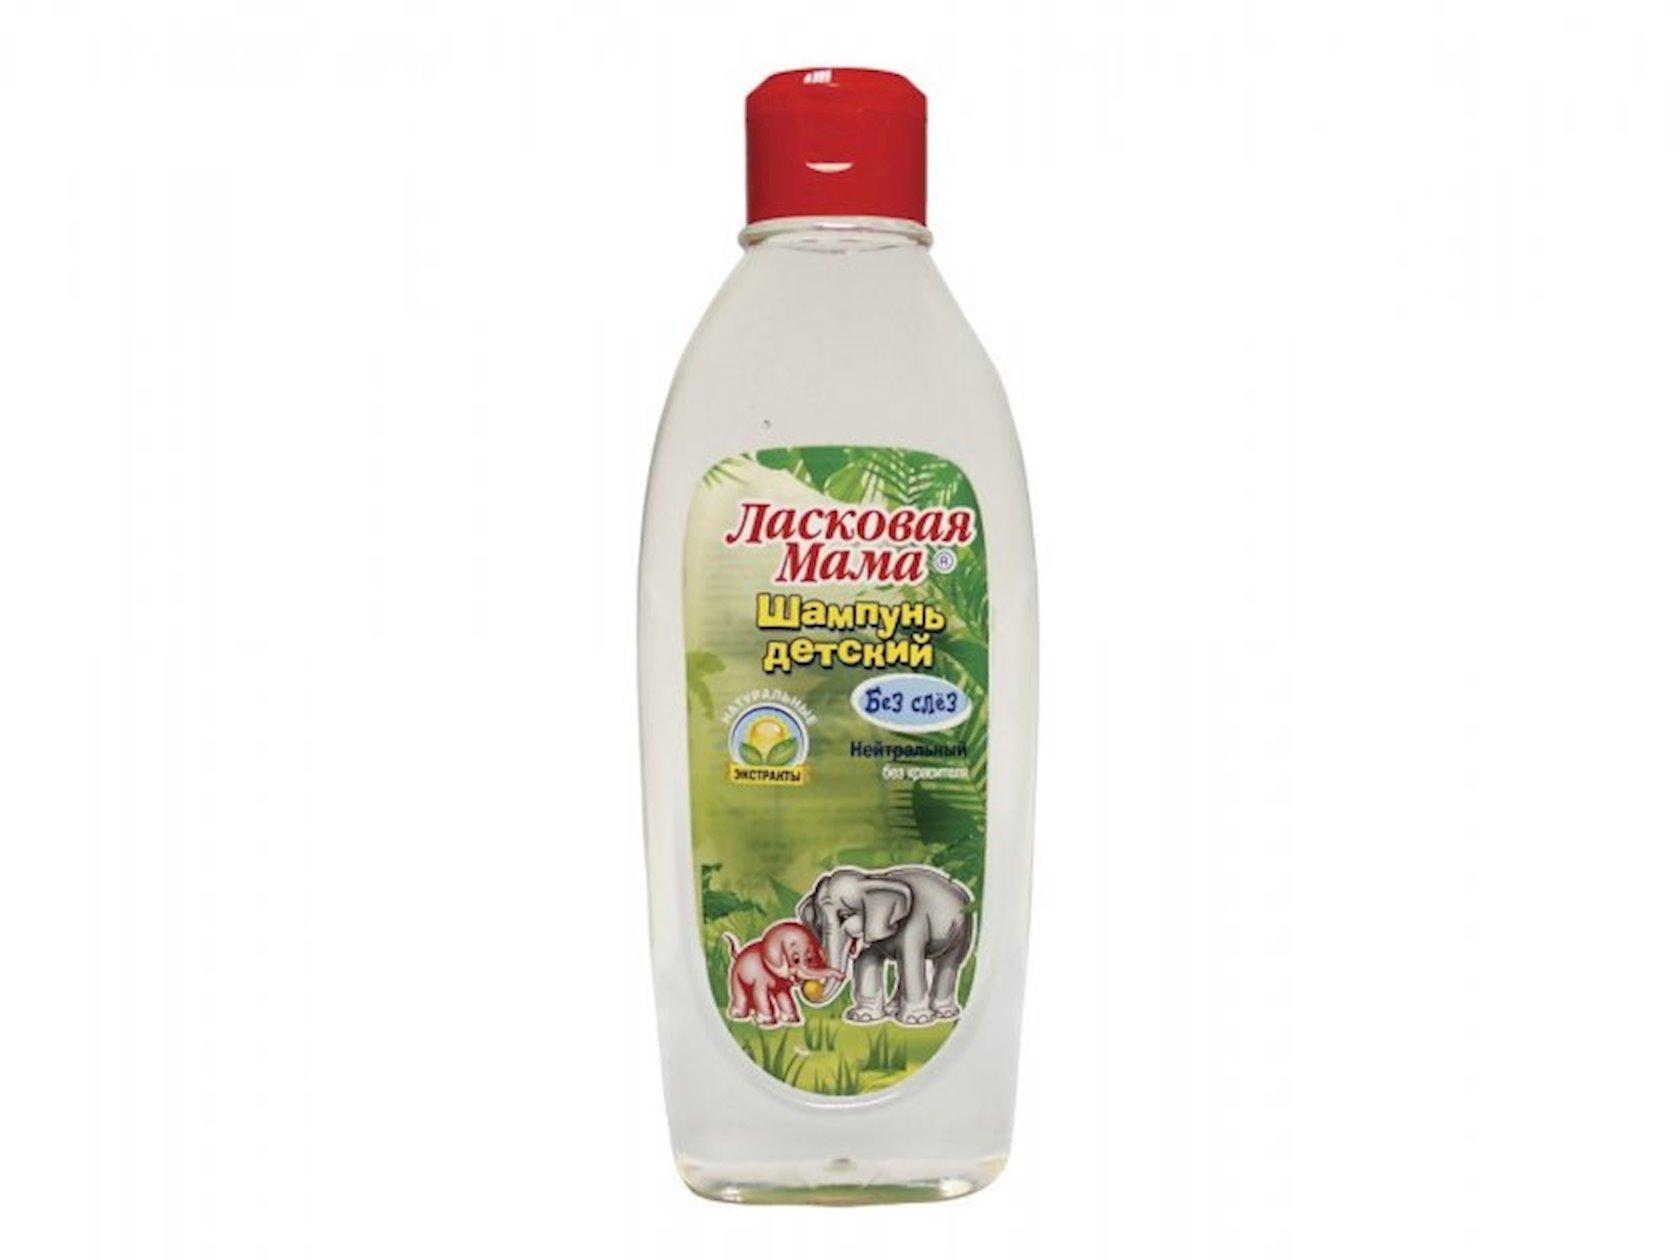 Şampun Ласковая мама neytral, 250 ml